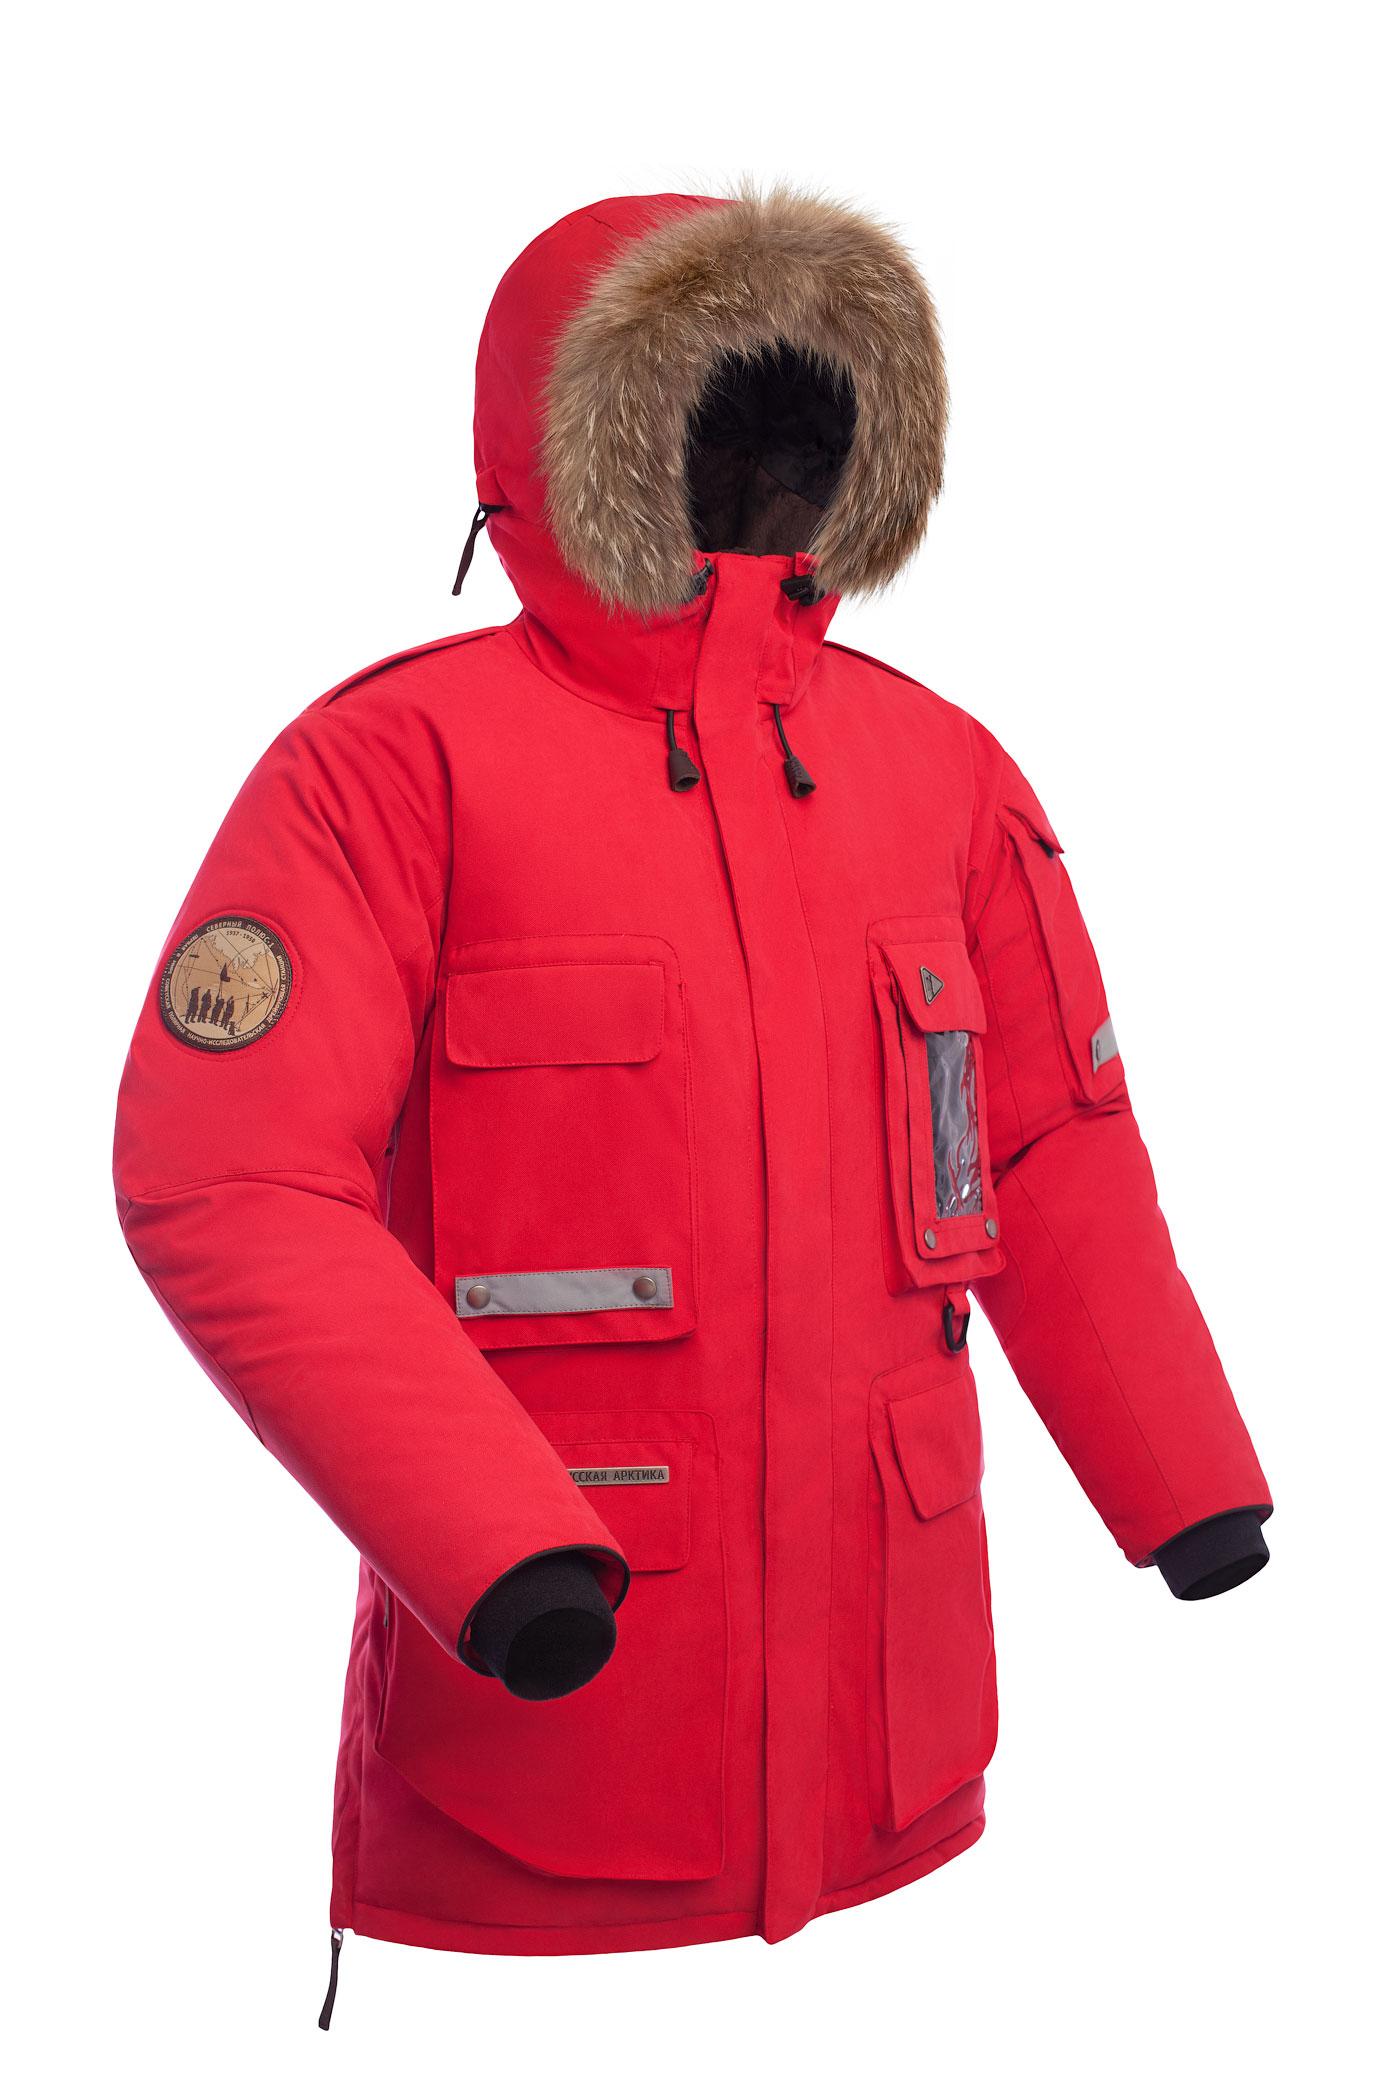 Куртка BASK ANABAR 1476Куртки<br><br><br>&quot;Дышащие&quot; свойства: Да<br>Верхняя ткань: Advance® Alaska<br>Вес граммы: 2530<br>Вес утеплителя: 400<br>Ветро-влагозащитные свойства верхней ткани: Да<br>Ветрозащитная планка: Да<br>Ветрозащитная юбка: Да<br>Влагозащитные молнии: Нет<br>Внутренние манжеты: Да<br>Внутренняя ткань: Advance® Classic<br>Водонепроницаемость: 10000<br>Дублирующий центральную молнию клапан: Да<br>Защитный козырёк капюшона: Нет<br>Капюшон: Несъемный<br>Карман для средств связи: Да<br>Количество внешних карманов: 7<br>Количество внутренних карманов: 6<br>Мембрана: Да<br>Объемный крой локтевой зоны: Да<br>Отстёгивающиеся рукава: Нет<br>Паропроницаемость: 5000<br>Проклейка швов: Нет<br>Регулировка манжетов рукавов: Нет<br>Регулировка низа: Нет<br>Регулировка объёма капюшона: Да<br>Регулировка талии: Да<br>Регулируемые вентиляционные отверстия: Нет<br>Световозвращающая лента: Да<br>Температурный режим: -40<br>Технология Thermal Welding: Нет<br>Технология швов: Простые<br>Тип молнии: Двухзамковая<br>Тип утеплителя: Синтетический<br>Ткань усиления: Нет<br>Усиление контактных зон: Да<br>Утеплитель: Shelter®Sport<br>Размер RU: 60<br>Цвет: БЕЛЫЙ